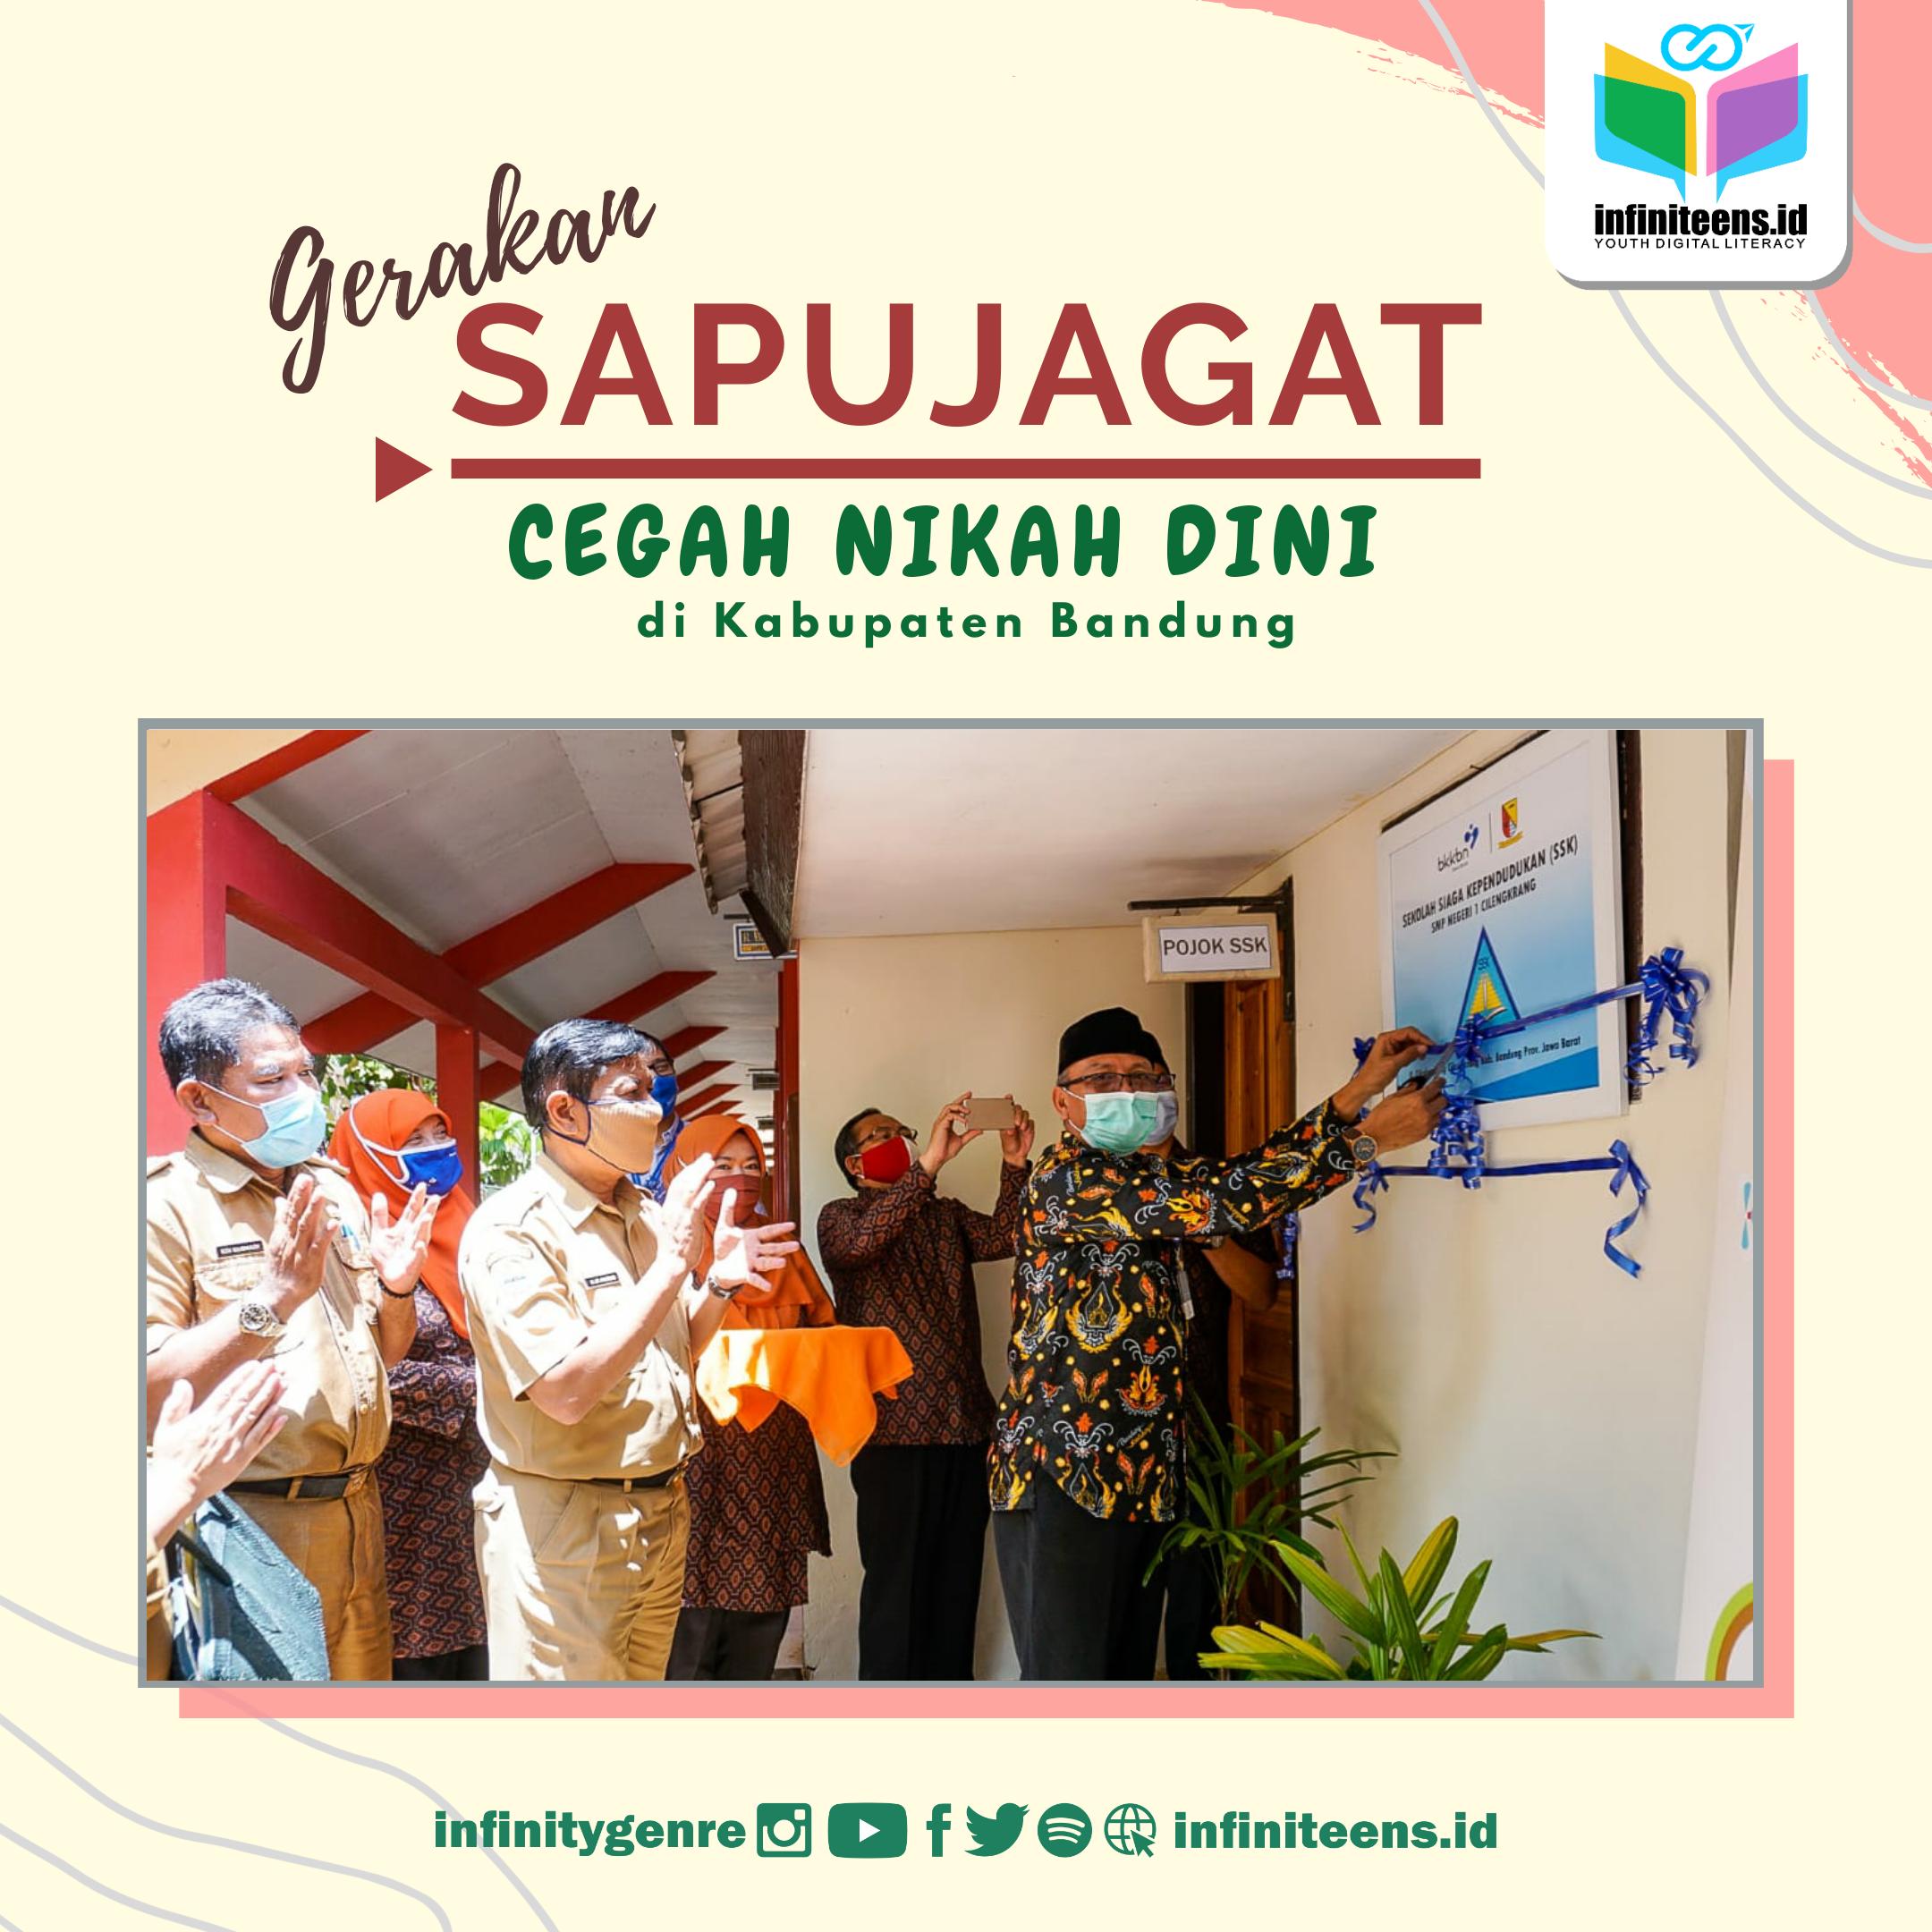 Gerakan Sapujagat untuk Cegah Nikah Muda di Kabupaten Bandung